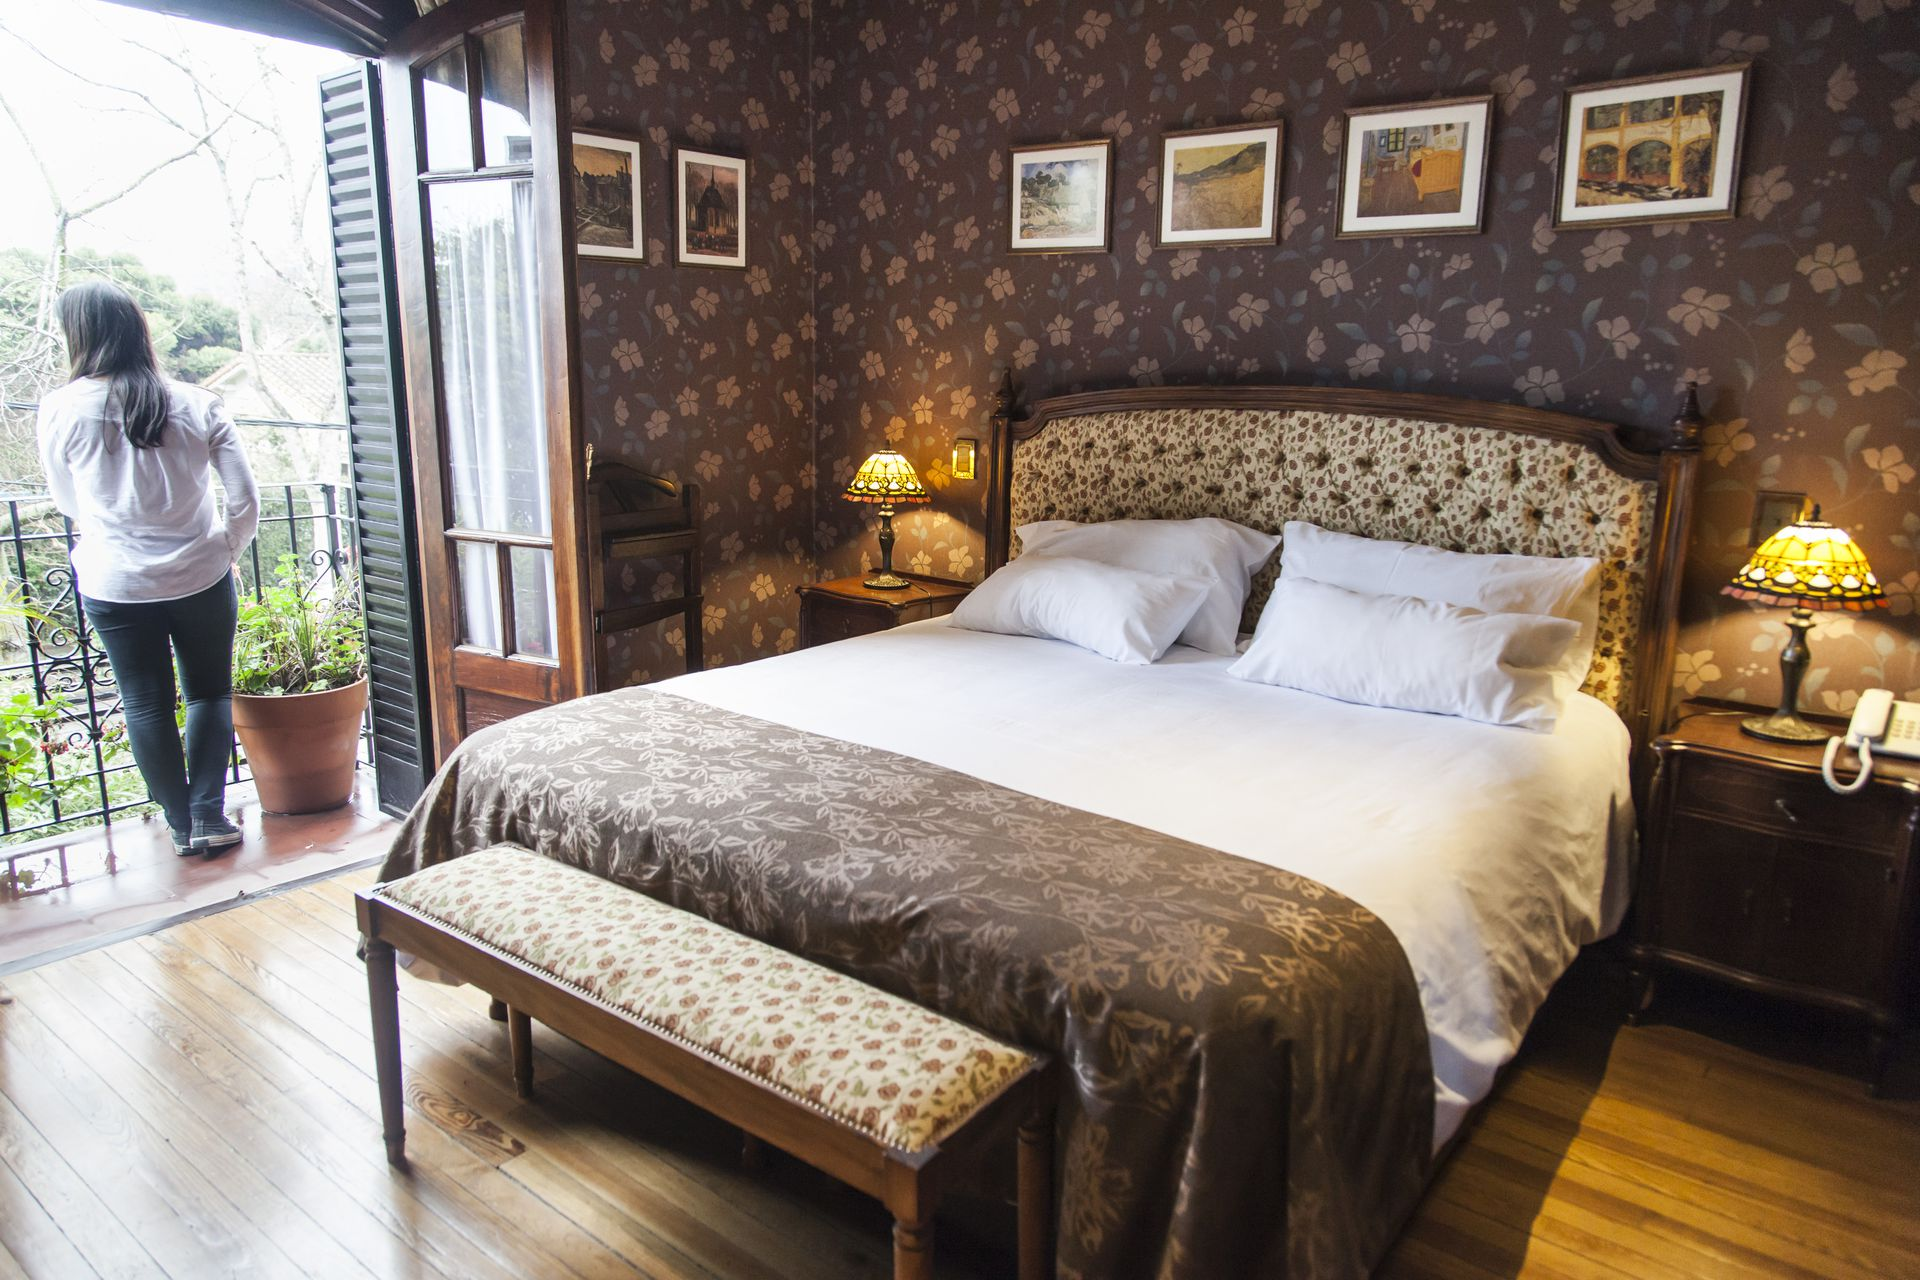 Las habitaciones están decoradas con muebles antiguos reciclados y balconean sobre un lindísimo jardín.